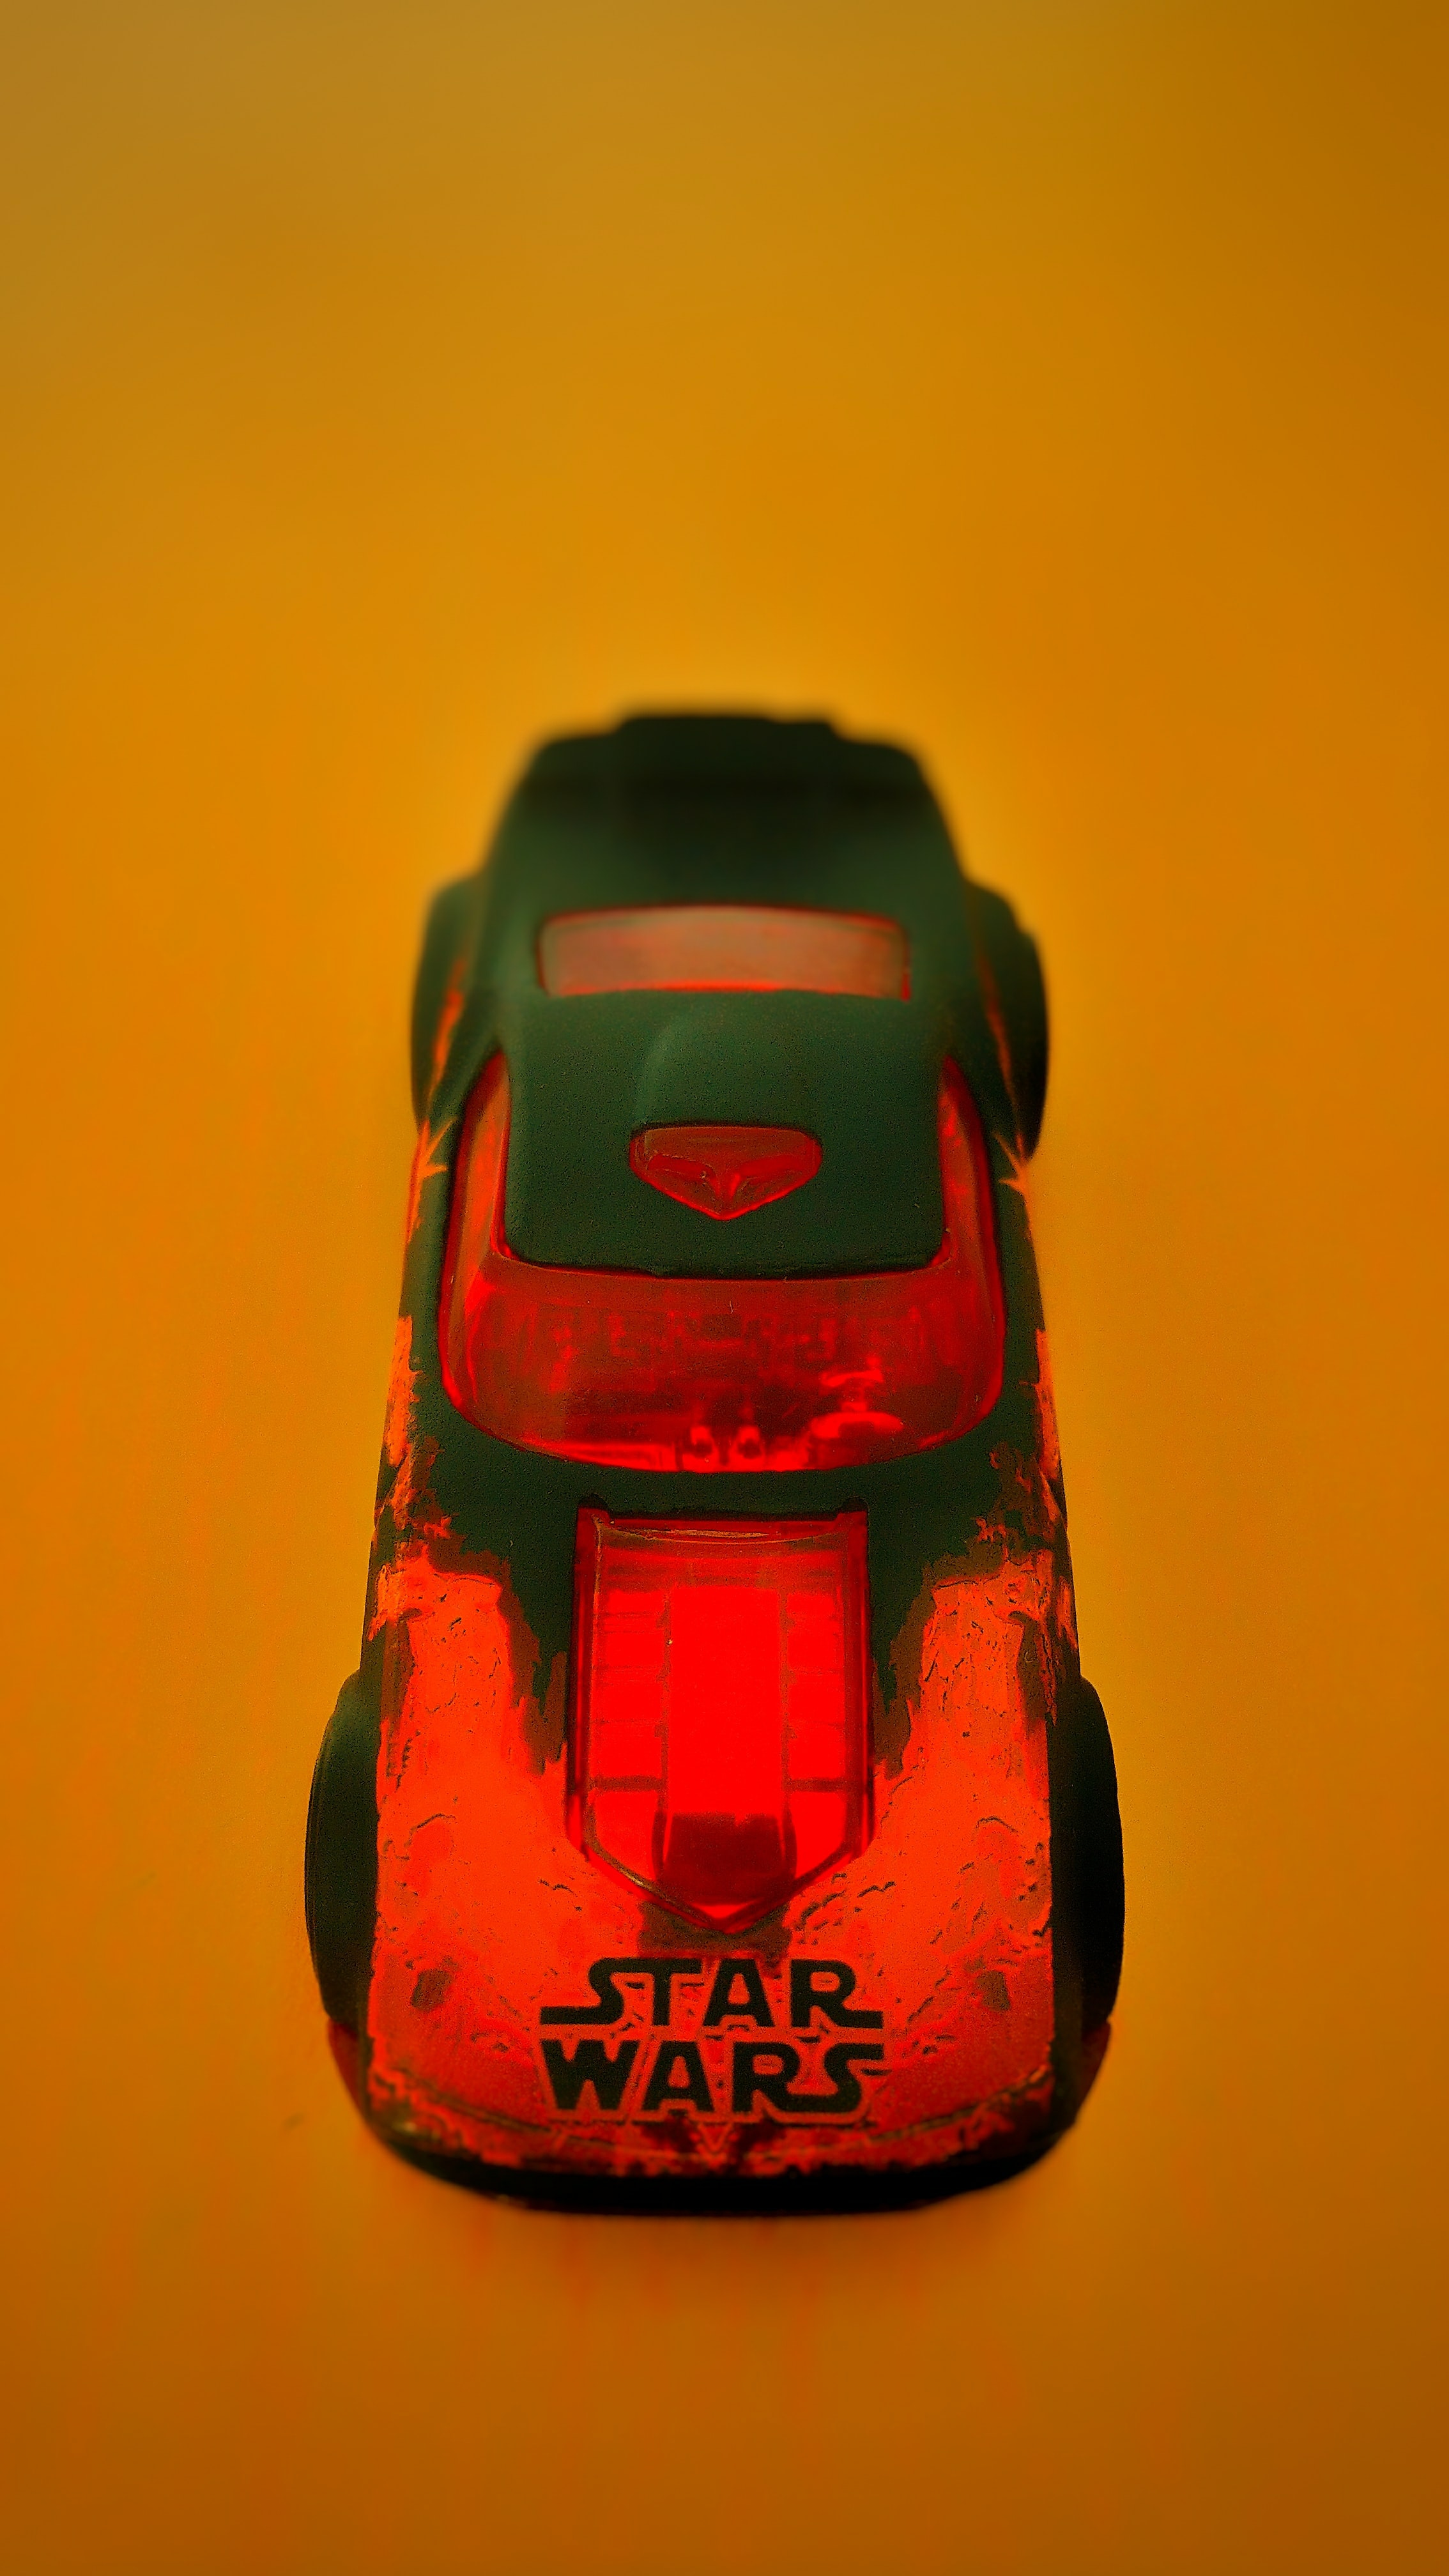 A Star Wars car on an orange surface.